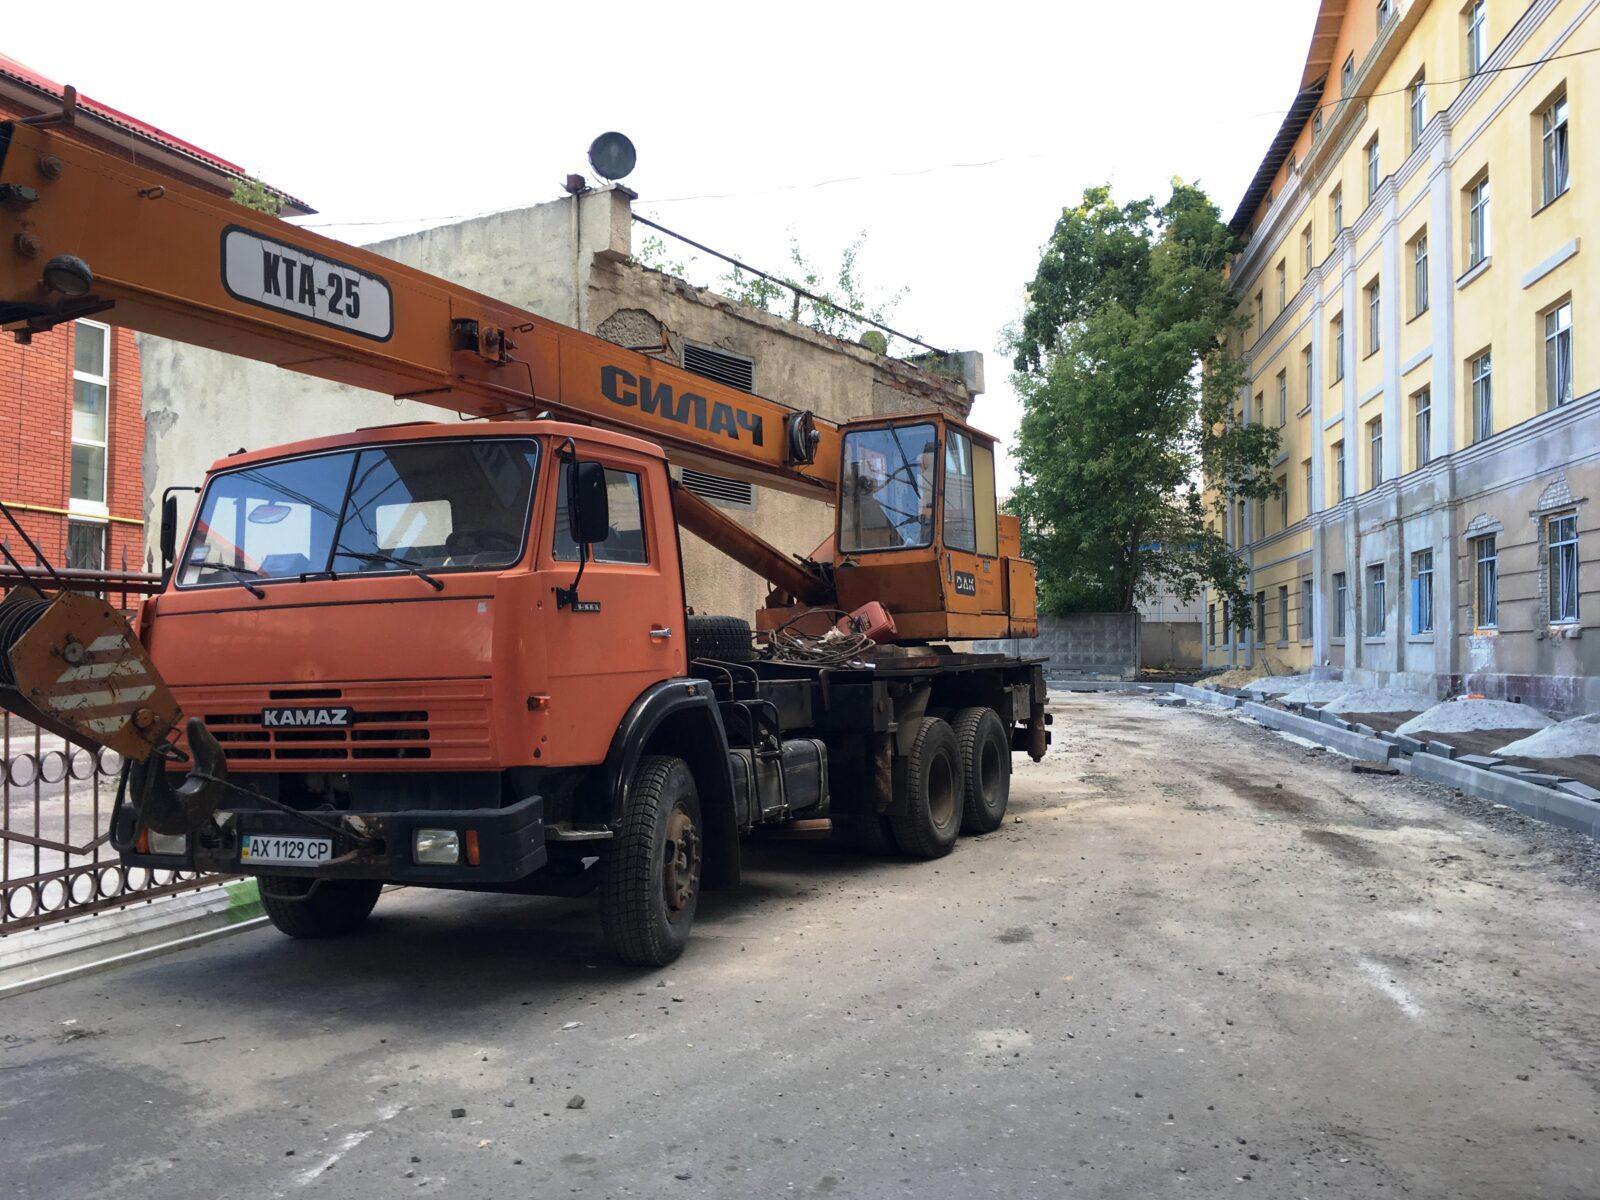 """Автокран КТА 25 """"Силач"""" на базе КамАЗ"""